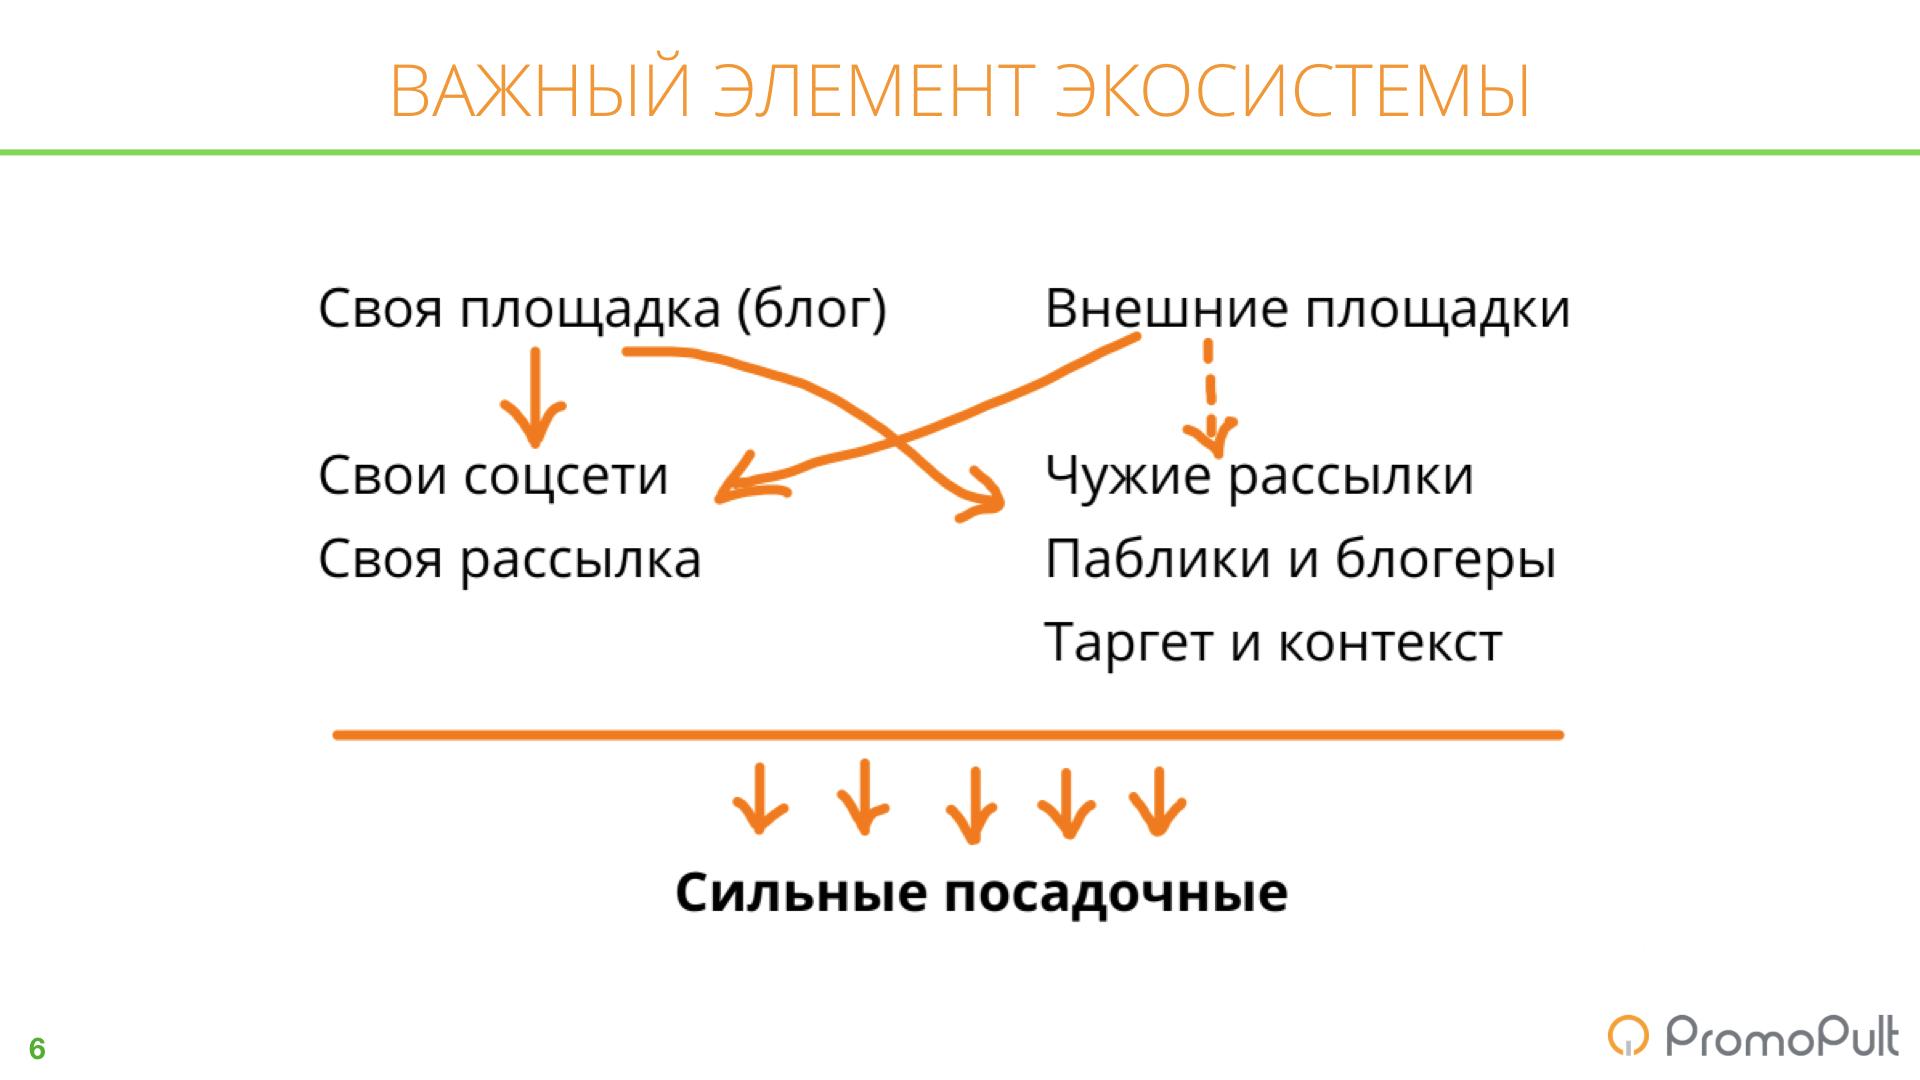 Контент-стратегия для B2B-компаний: кейс и чек-листы